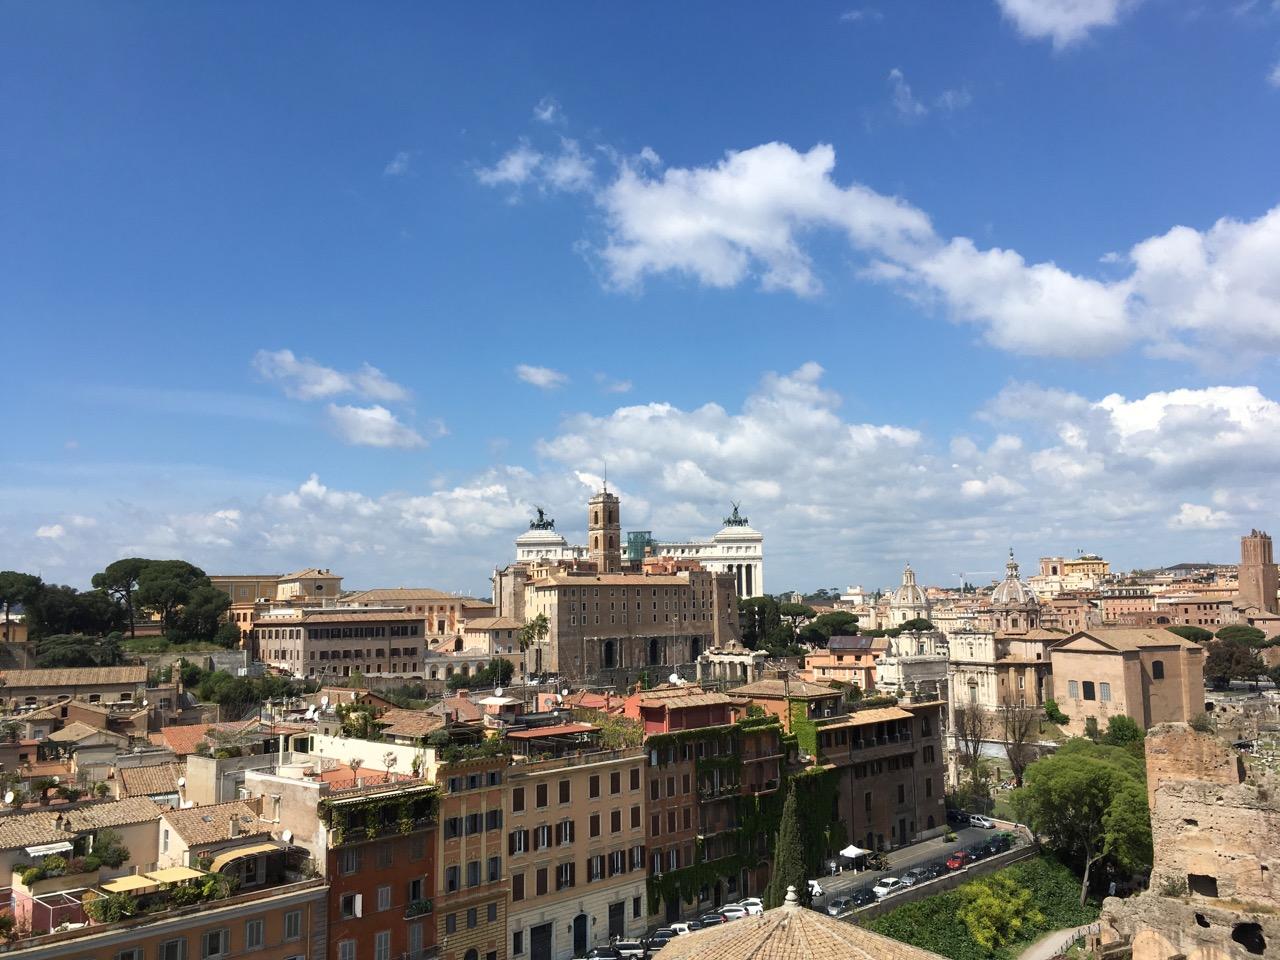 俯瞰罗马市区